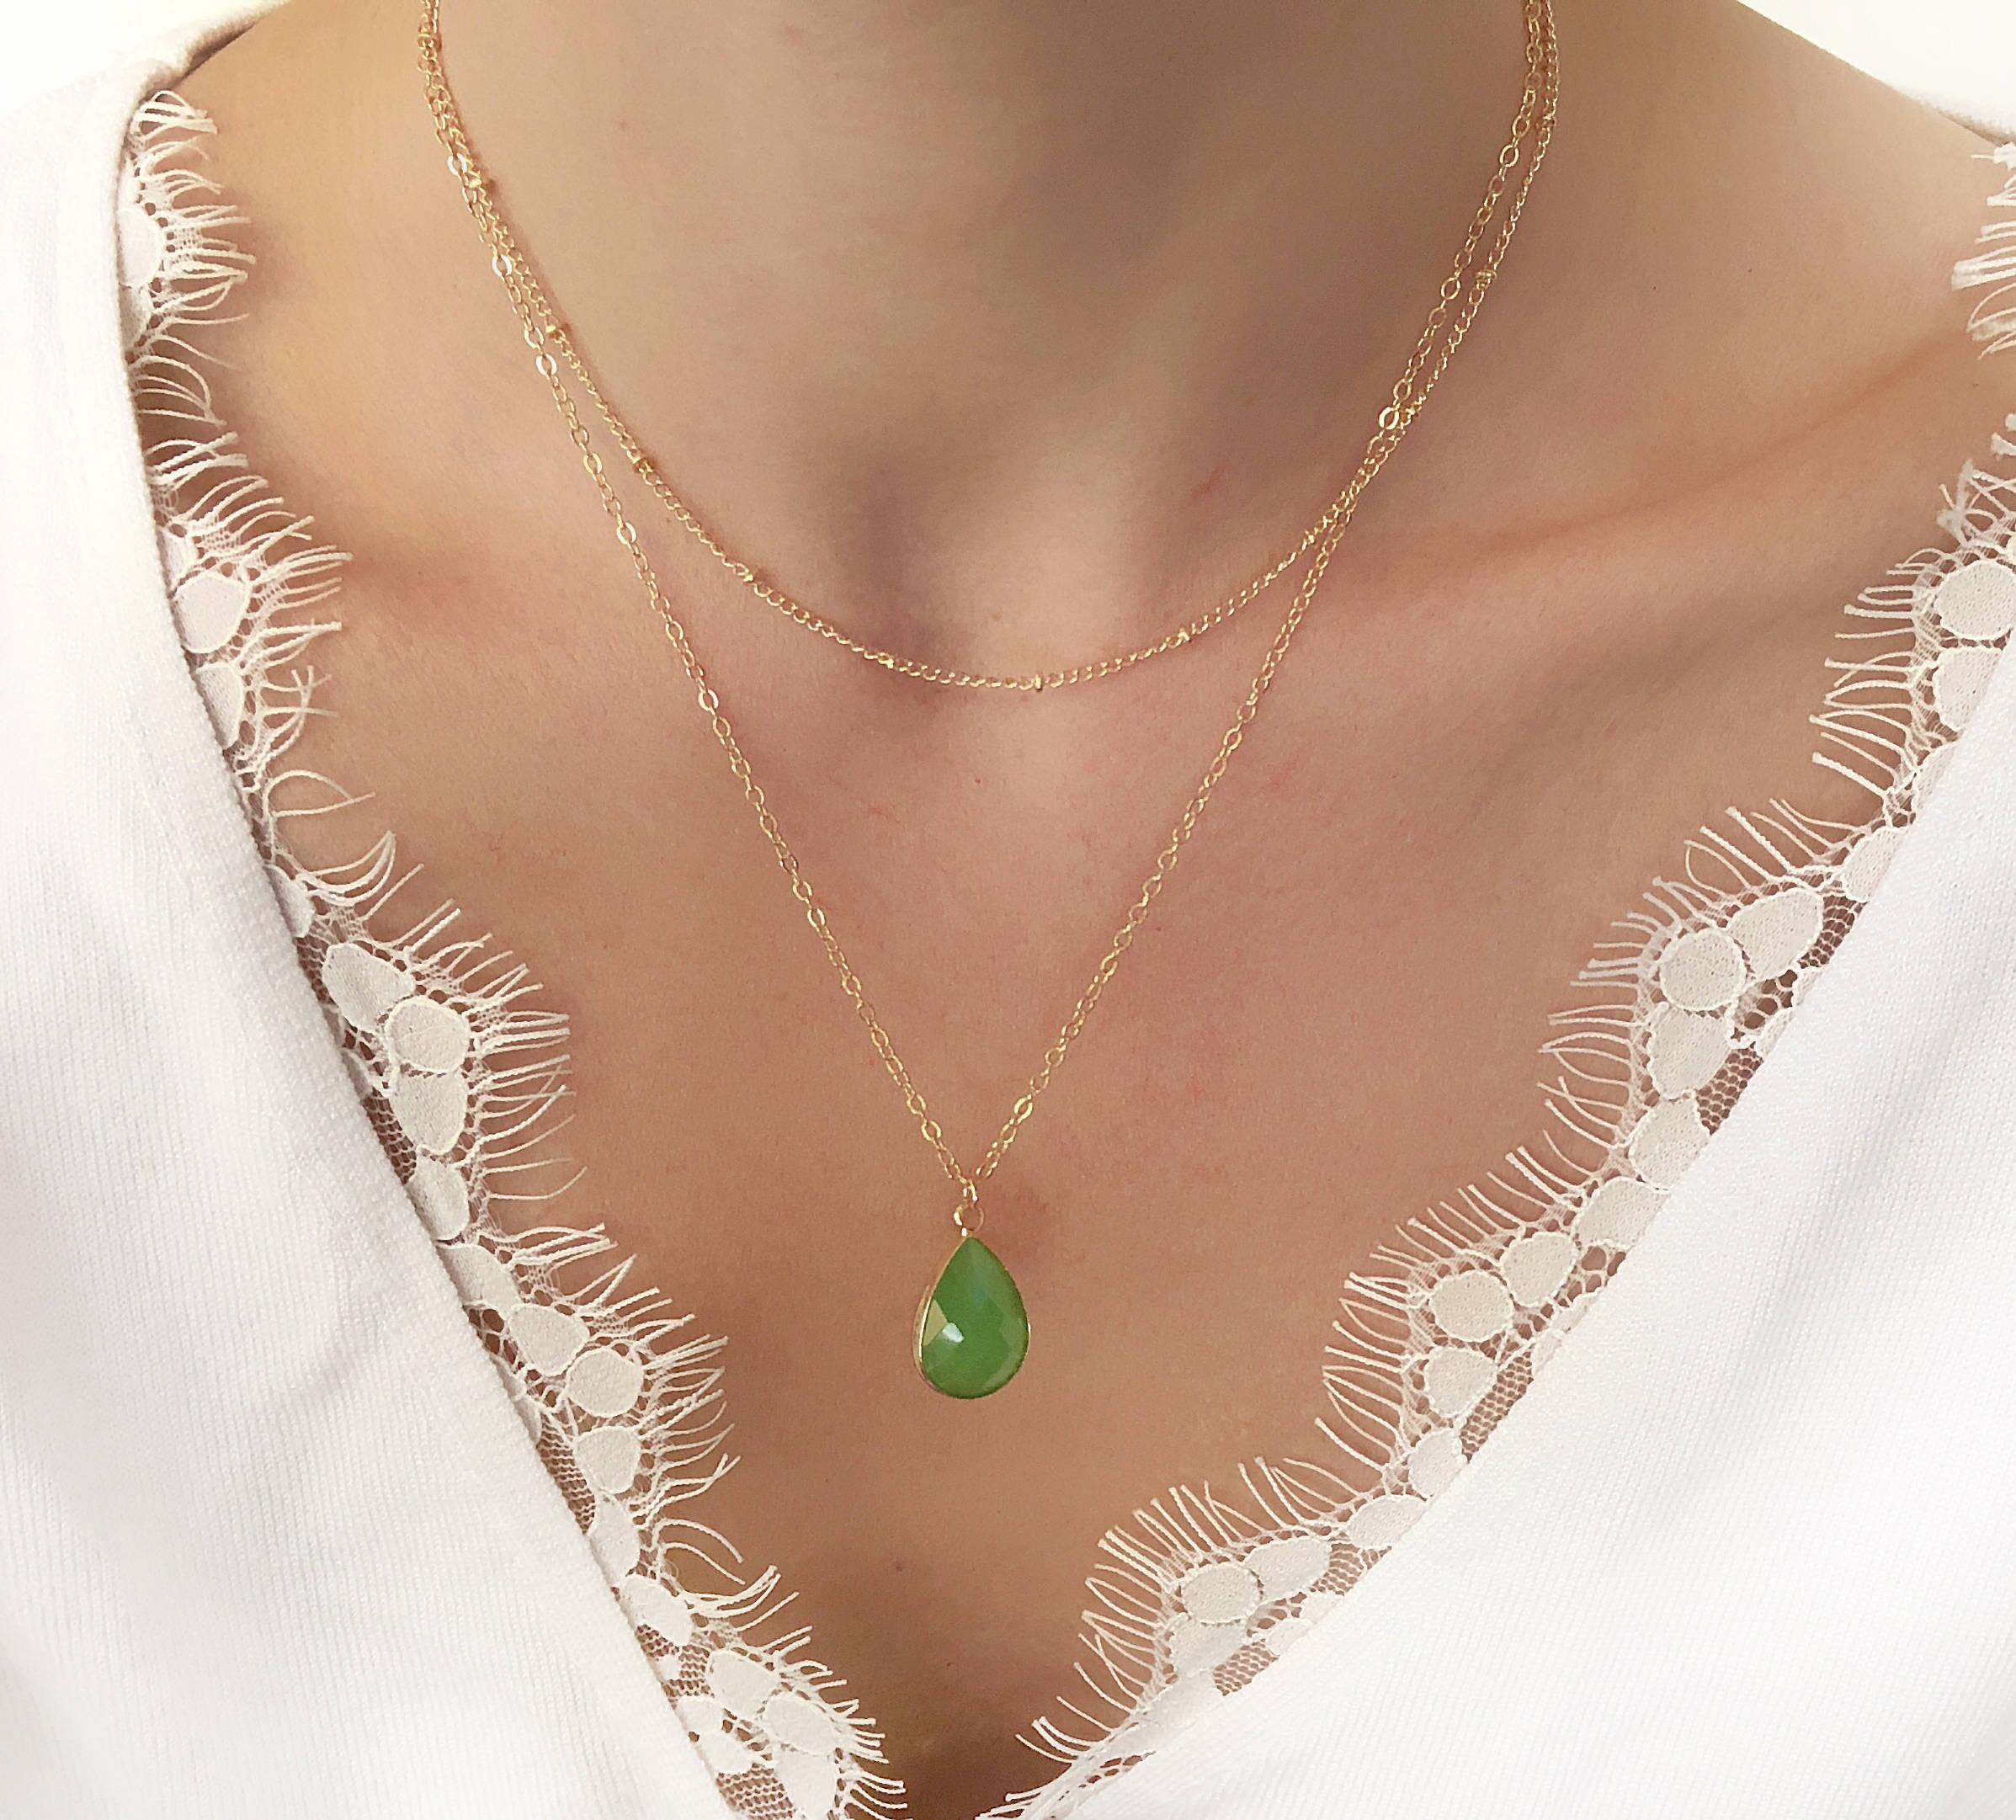 collier argent avec pierre verte